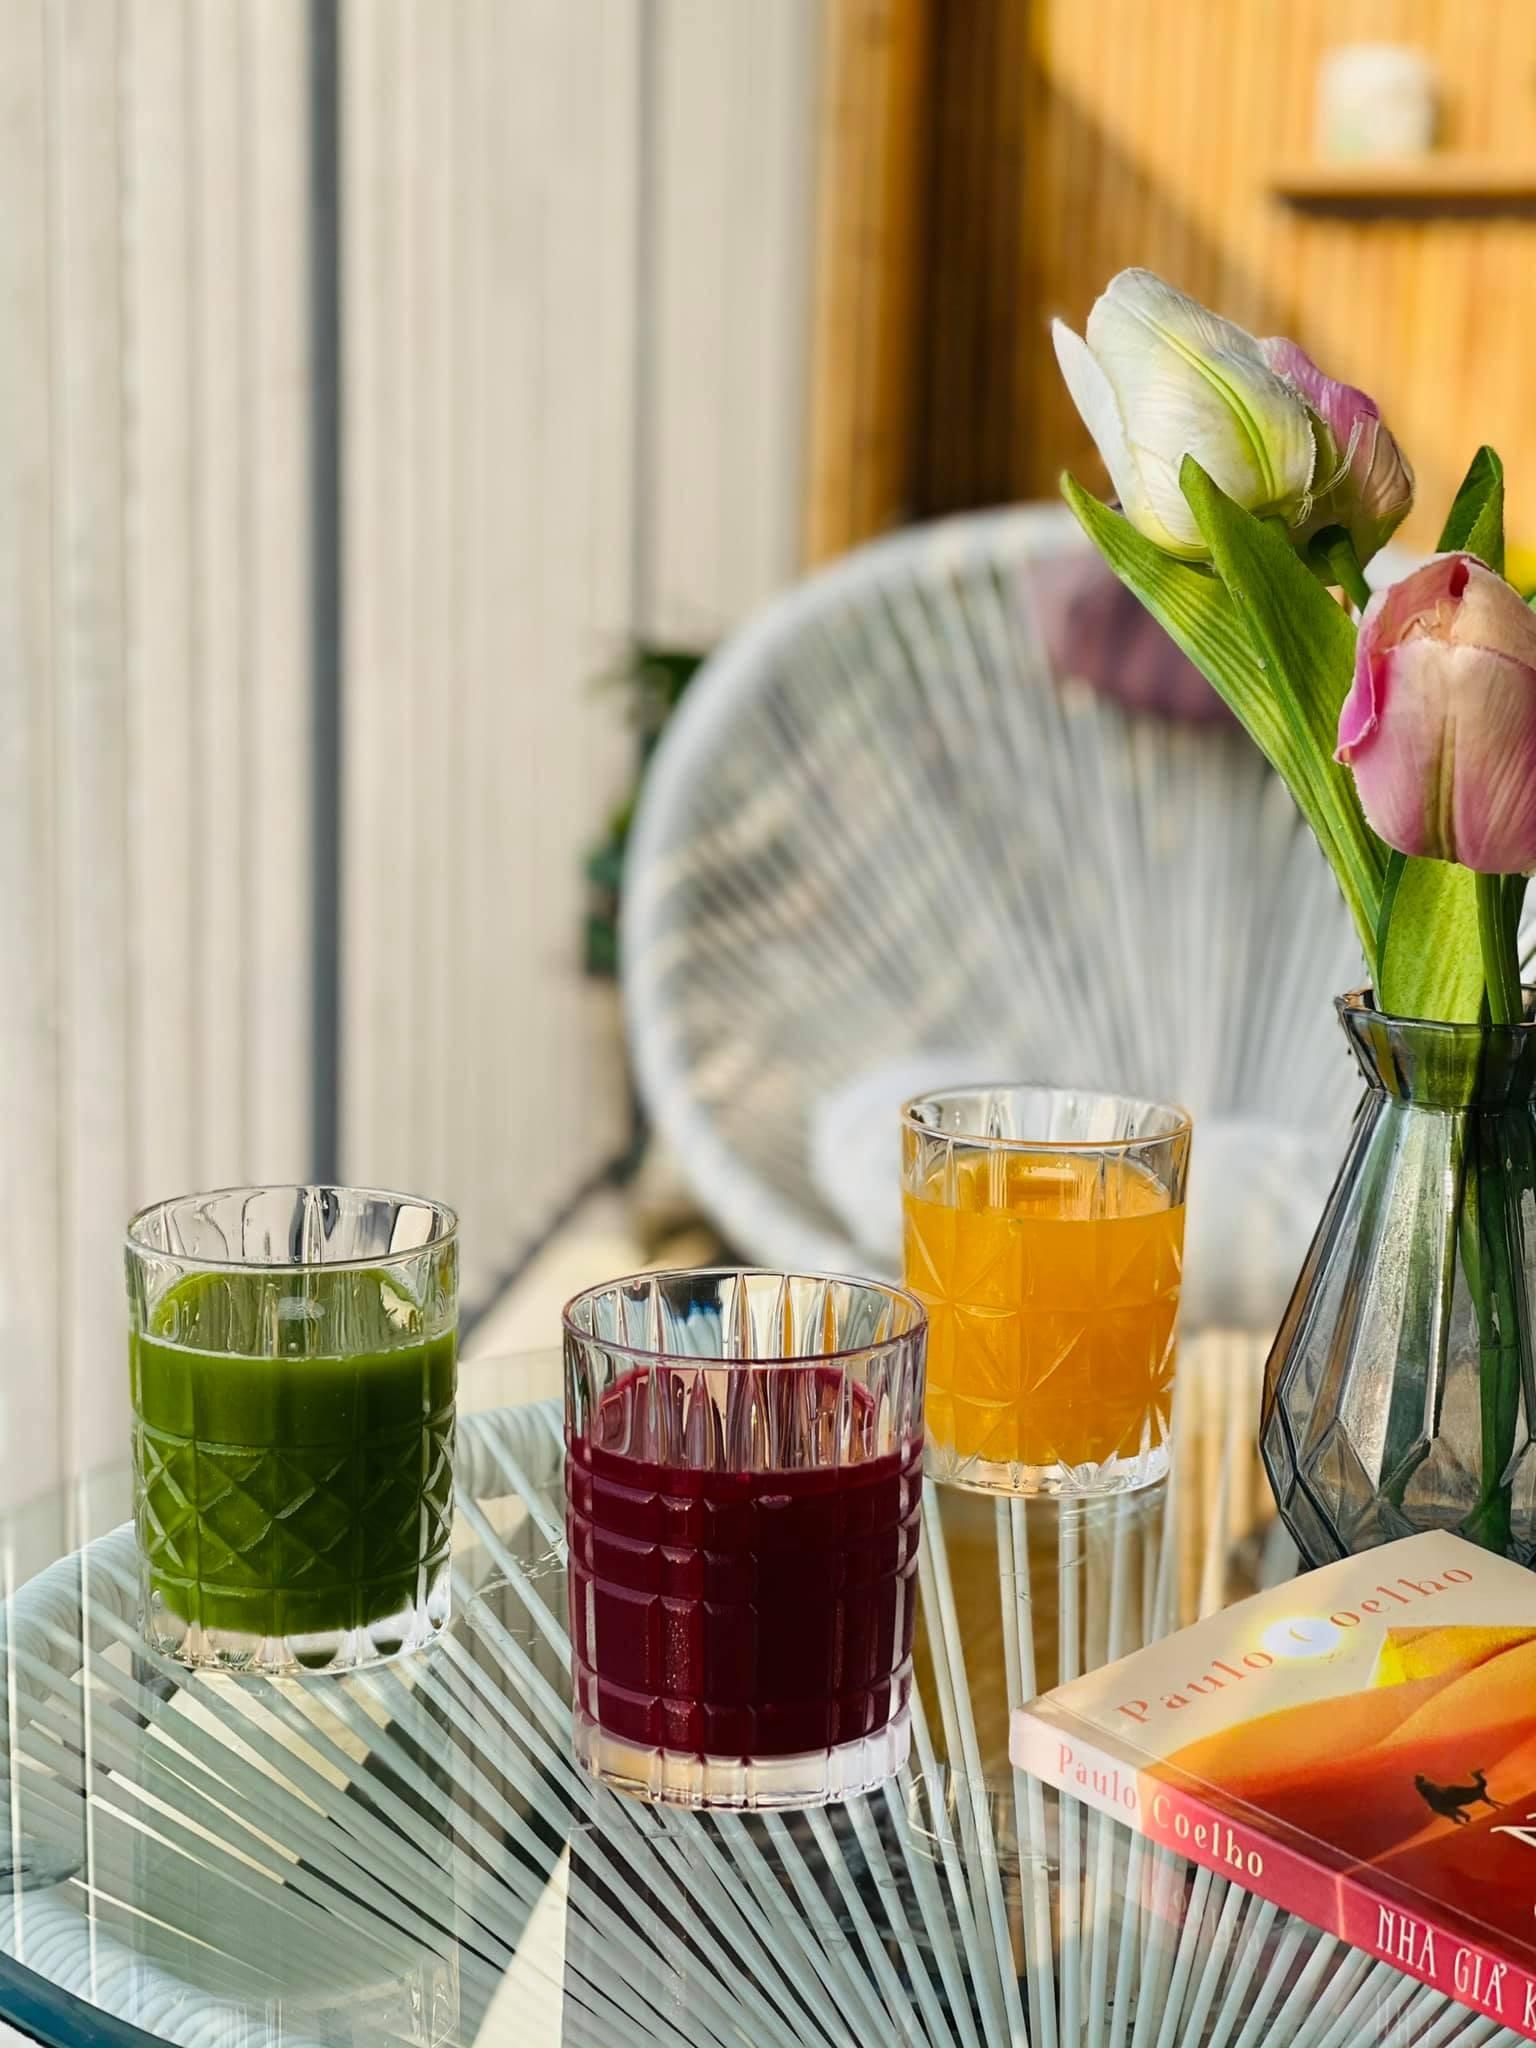 Ngọc Hân thường uống nước ép trước khi ăn 30  - 60 phút.